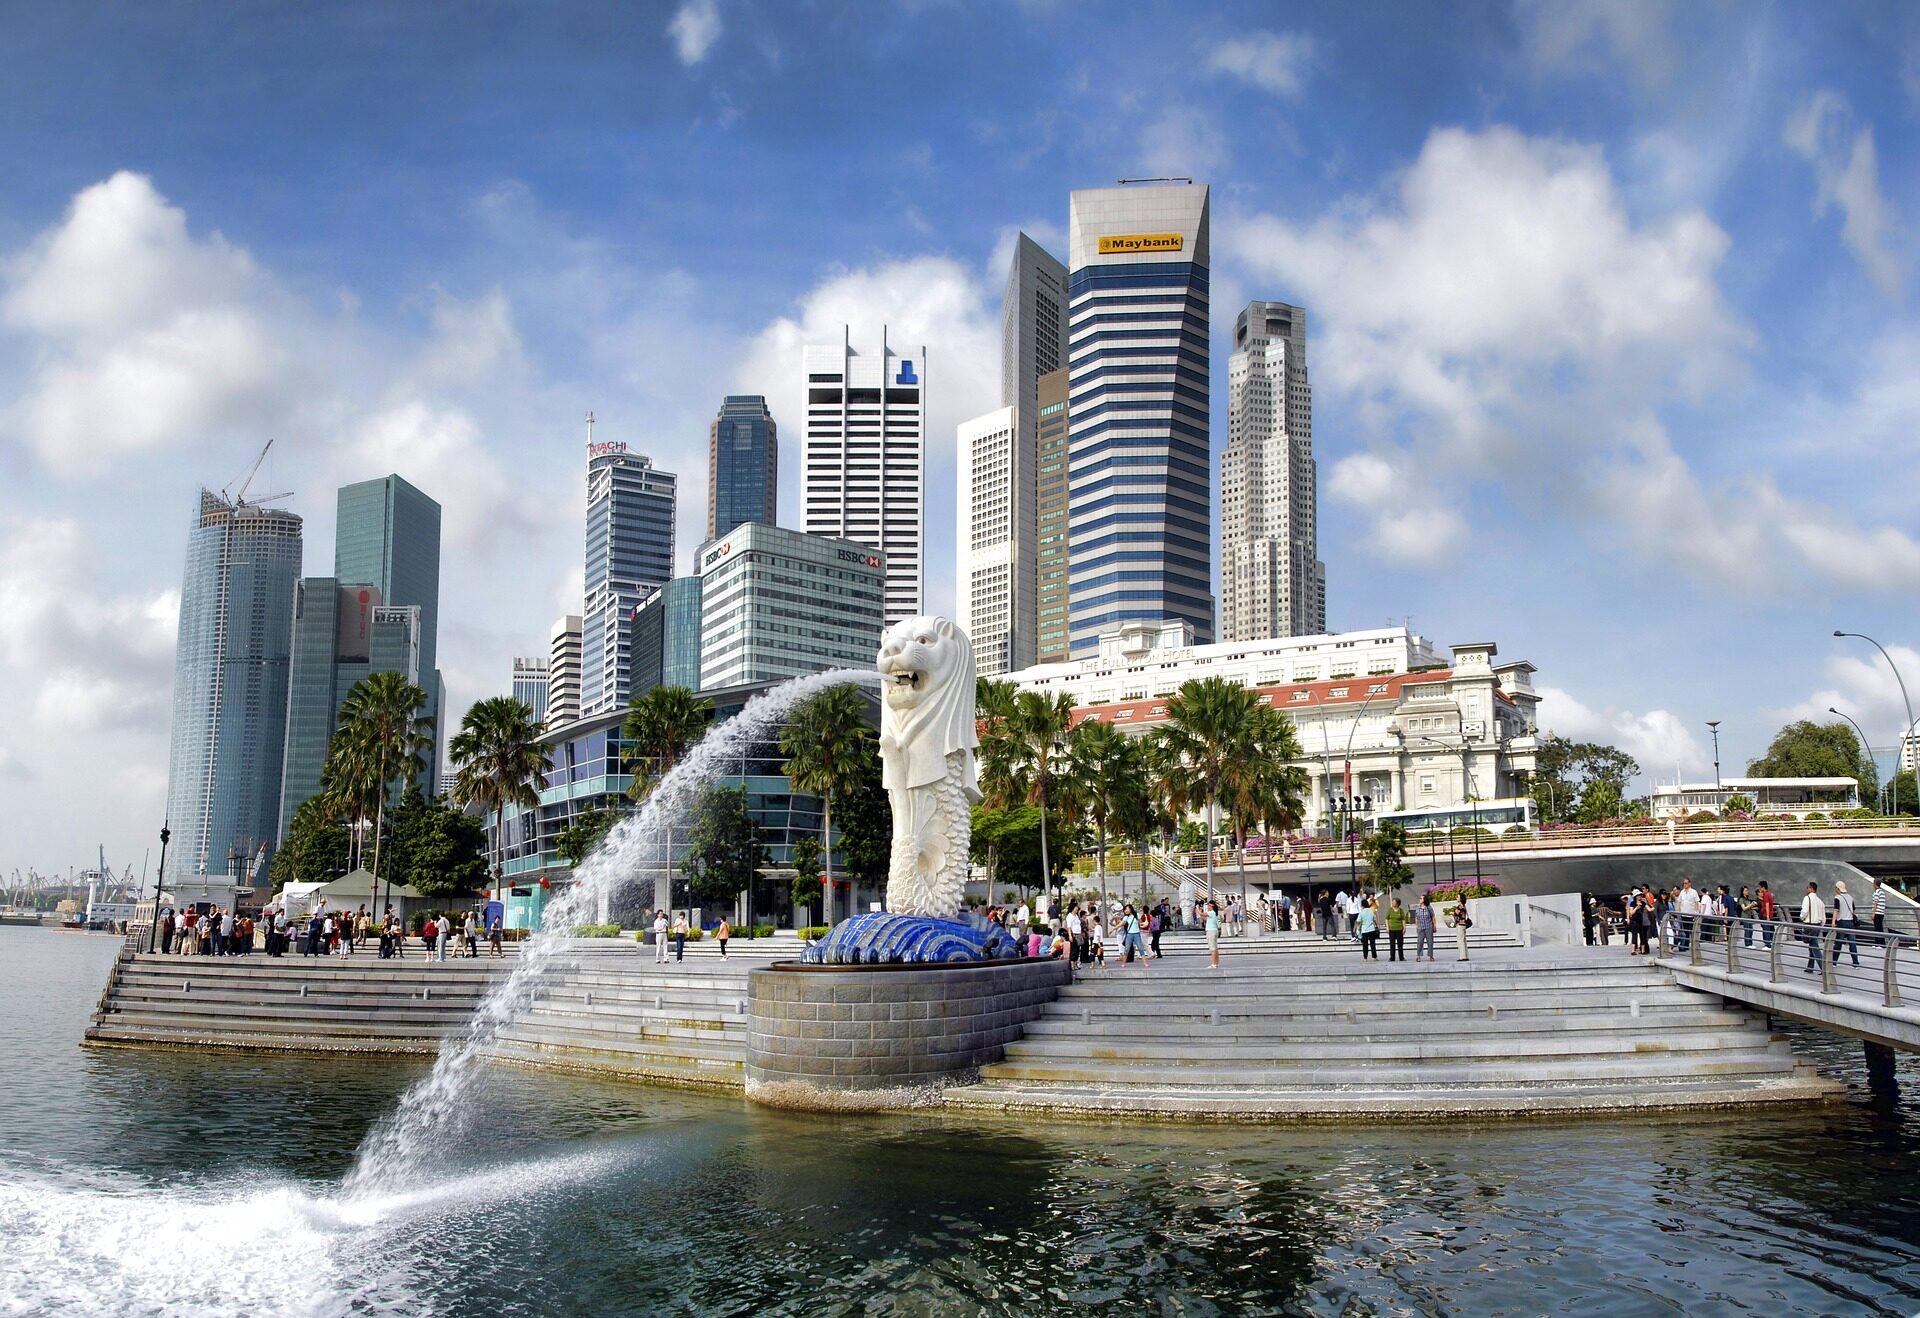 ประชากรสิงคโปร์ขยายตัวต่ำสุดนับตั้งแต่ประกาศอิสรภาพ อัตราเกิดเหลือแค่ 1.76